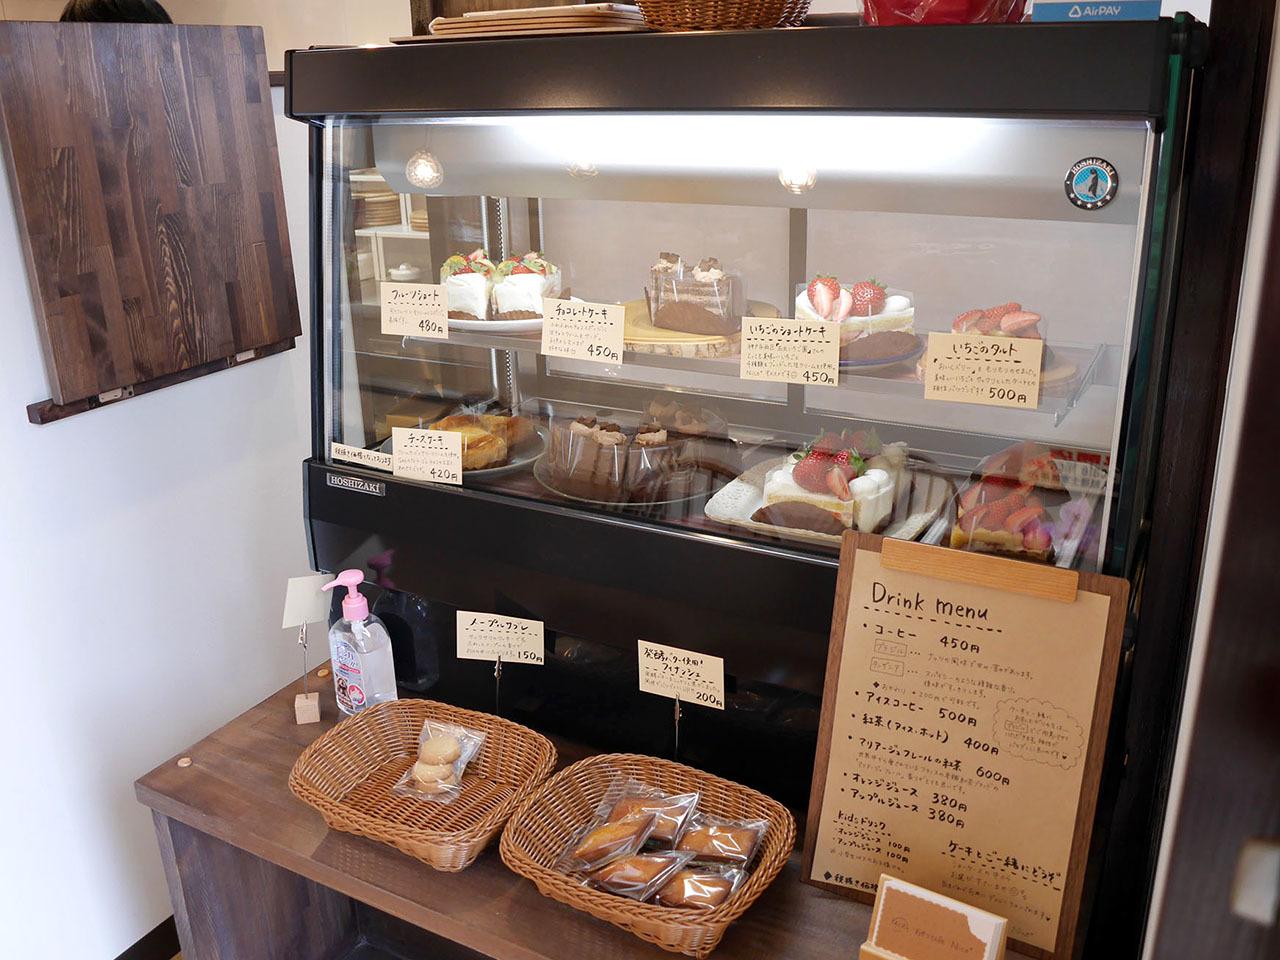 明石市荷山町|「おやつcafe Nico+」さん 2020年4月15日オープン!_a0129705_03054973.jpg